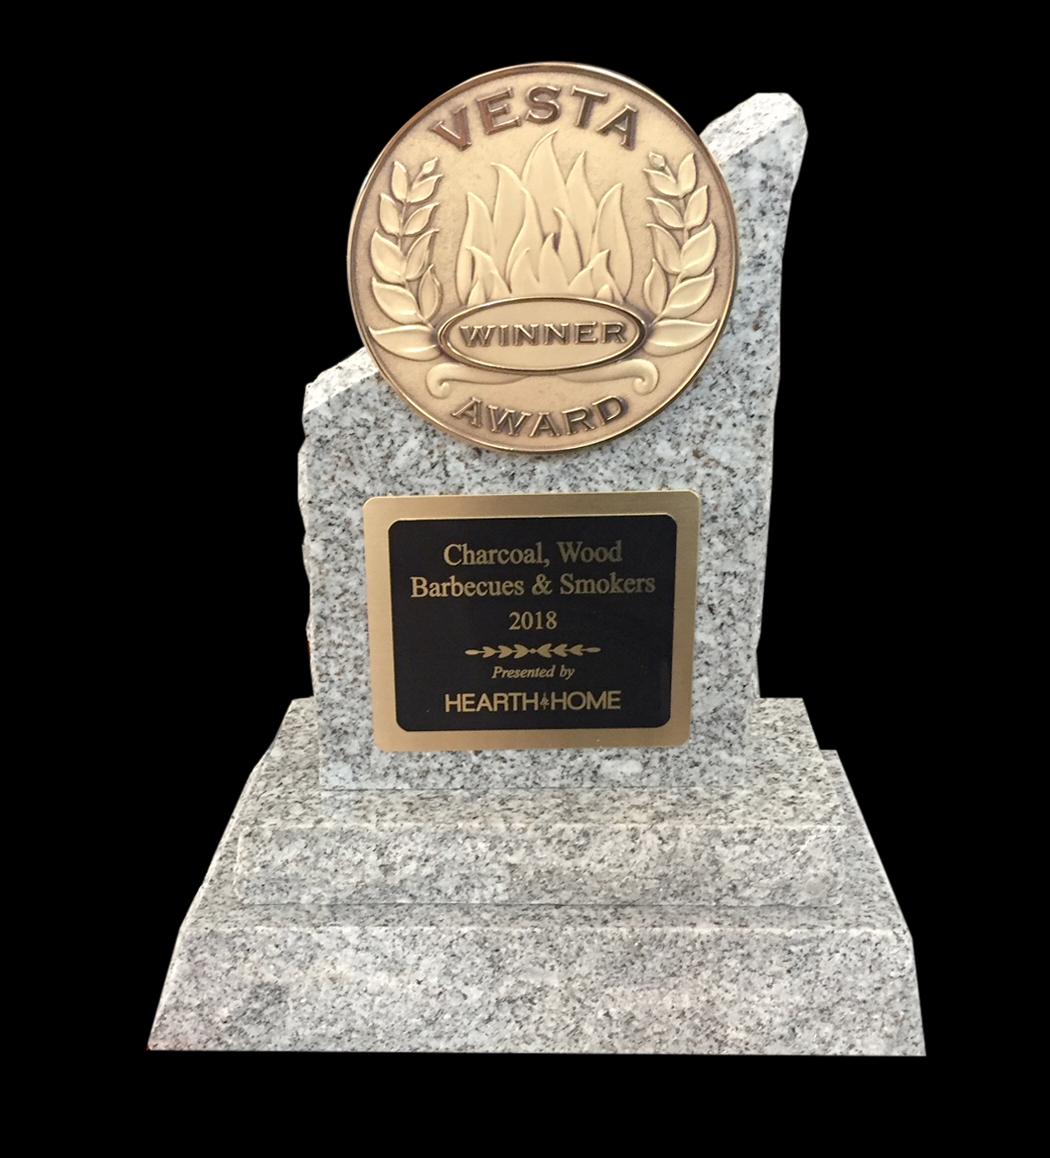 HUB announced category winner of Vesta Award